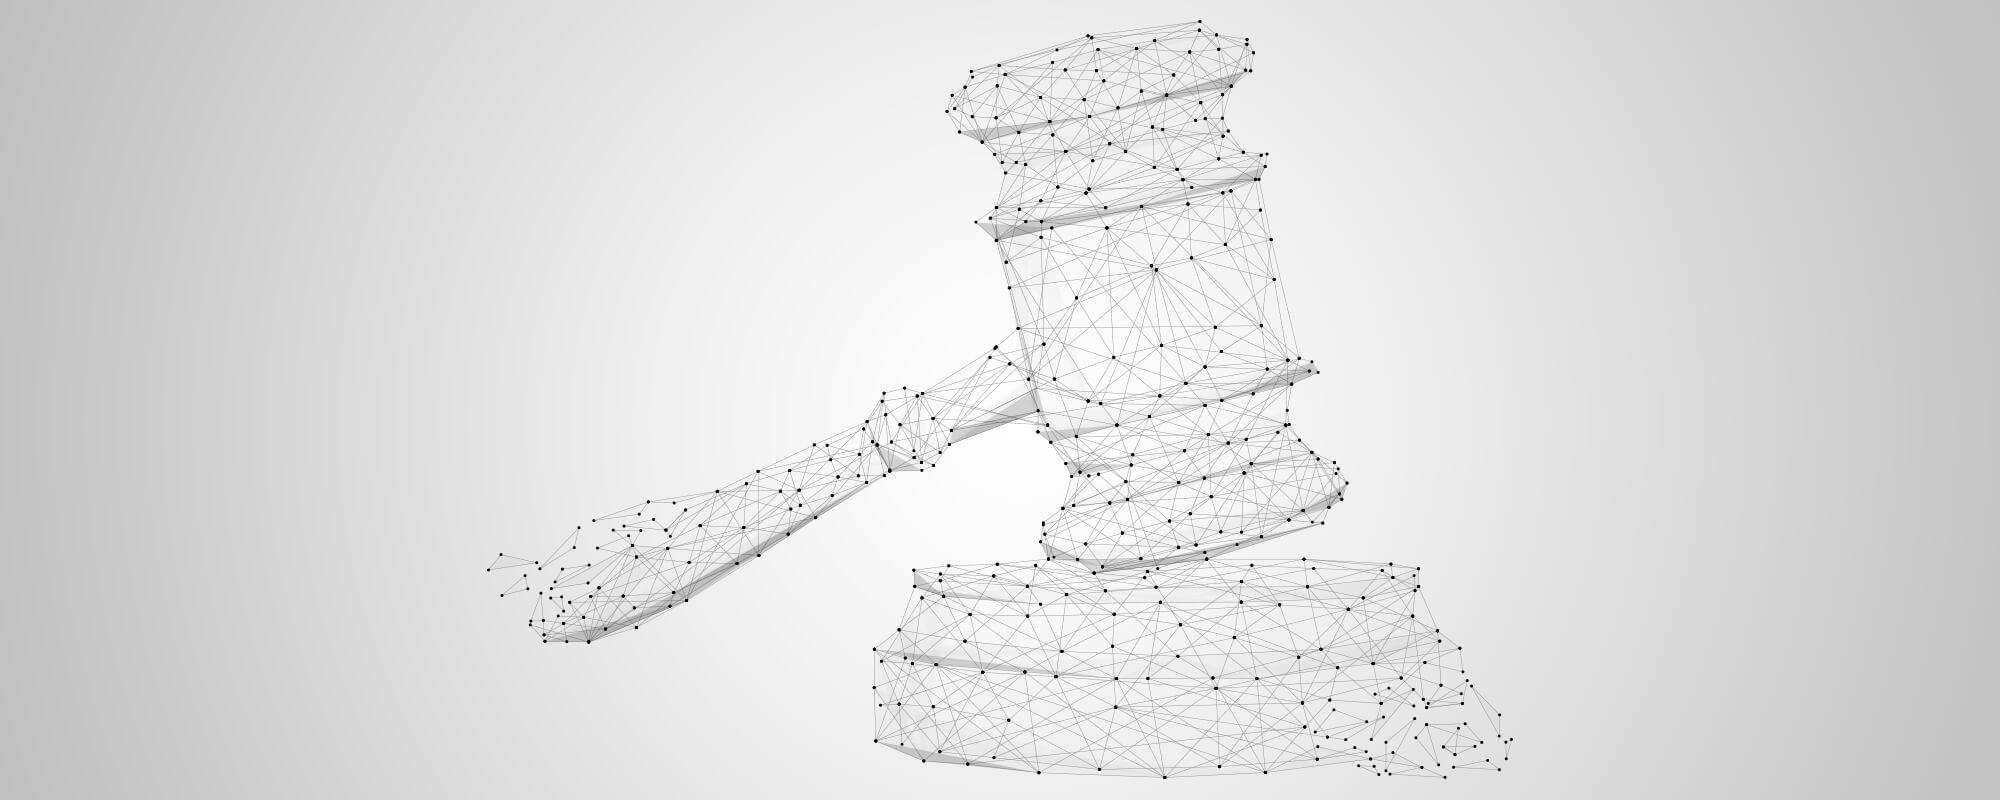 problemas legales en vacantes